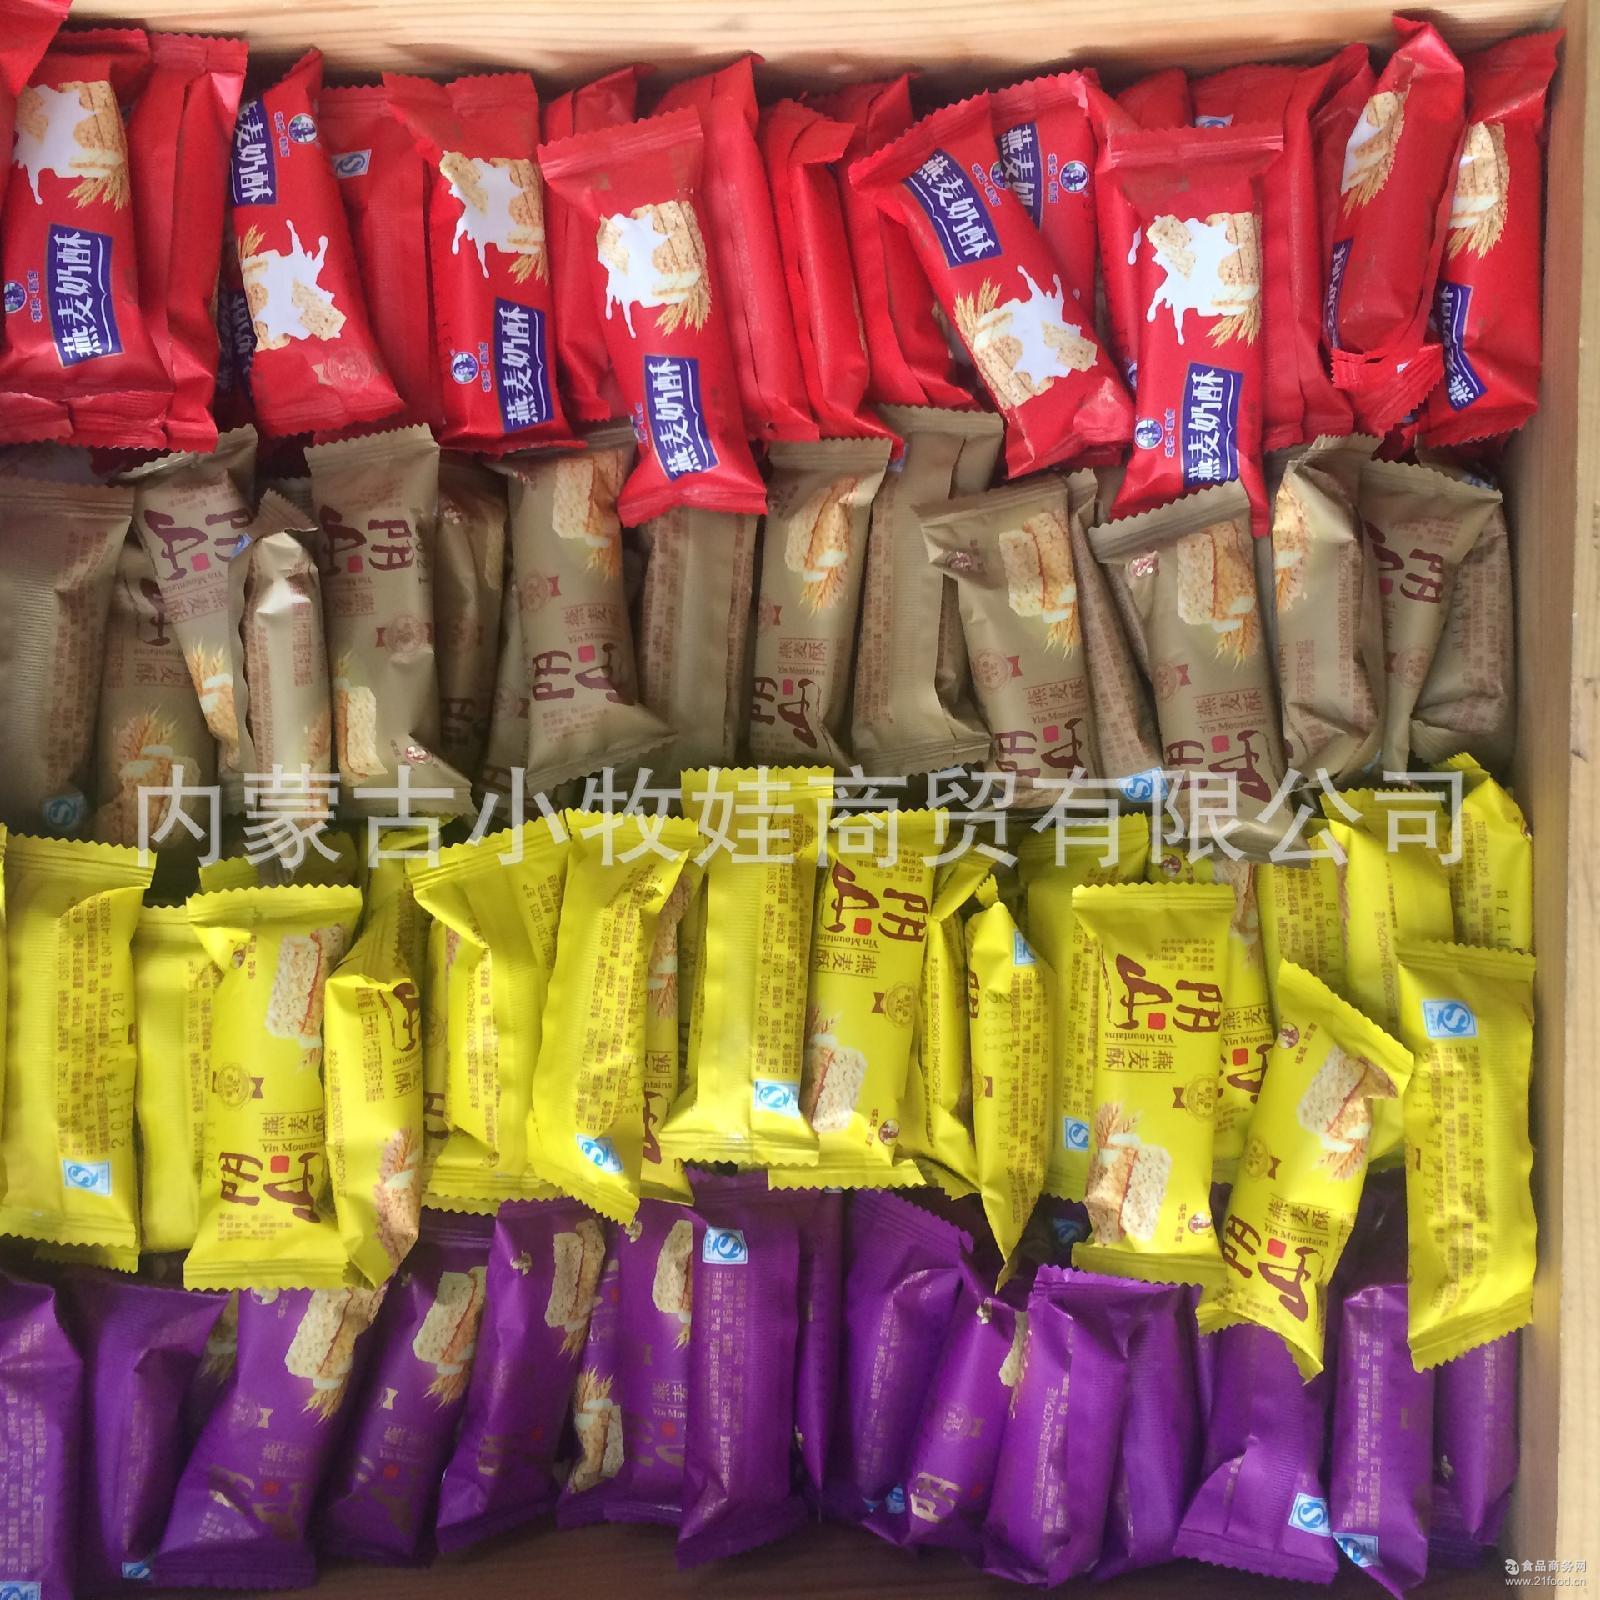 塔拉额吉燕麦奶酥阴山燕麦酥原味1500g 无蔗糖紫薯味玉米味巧克力